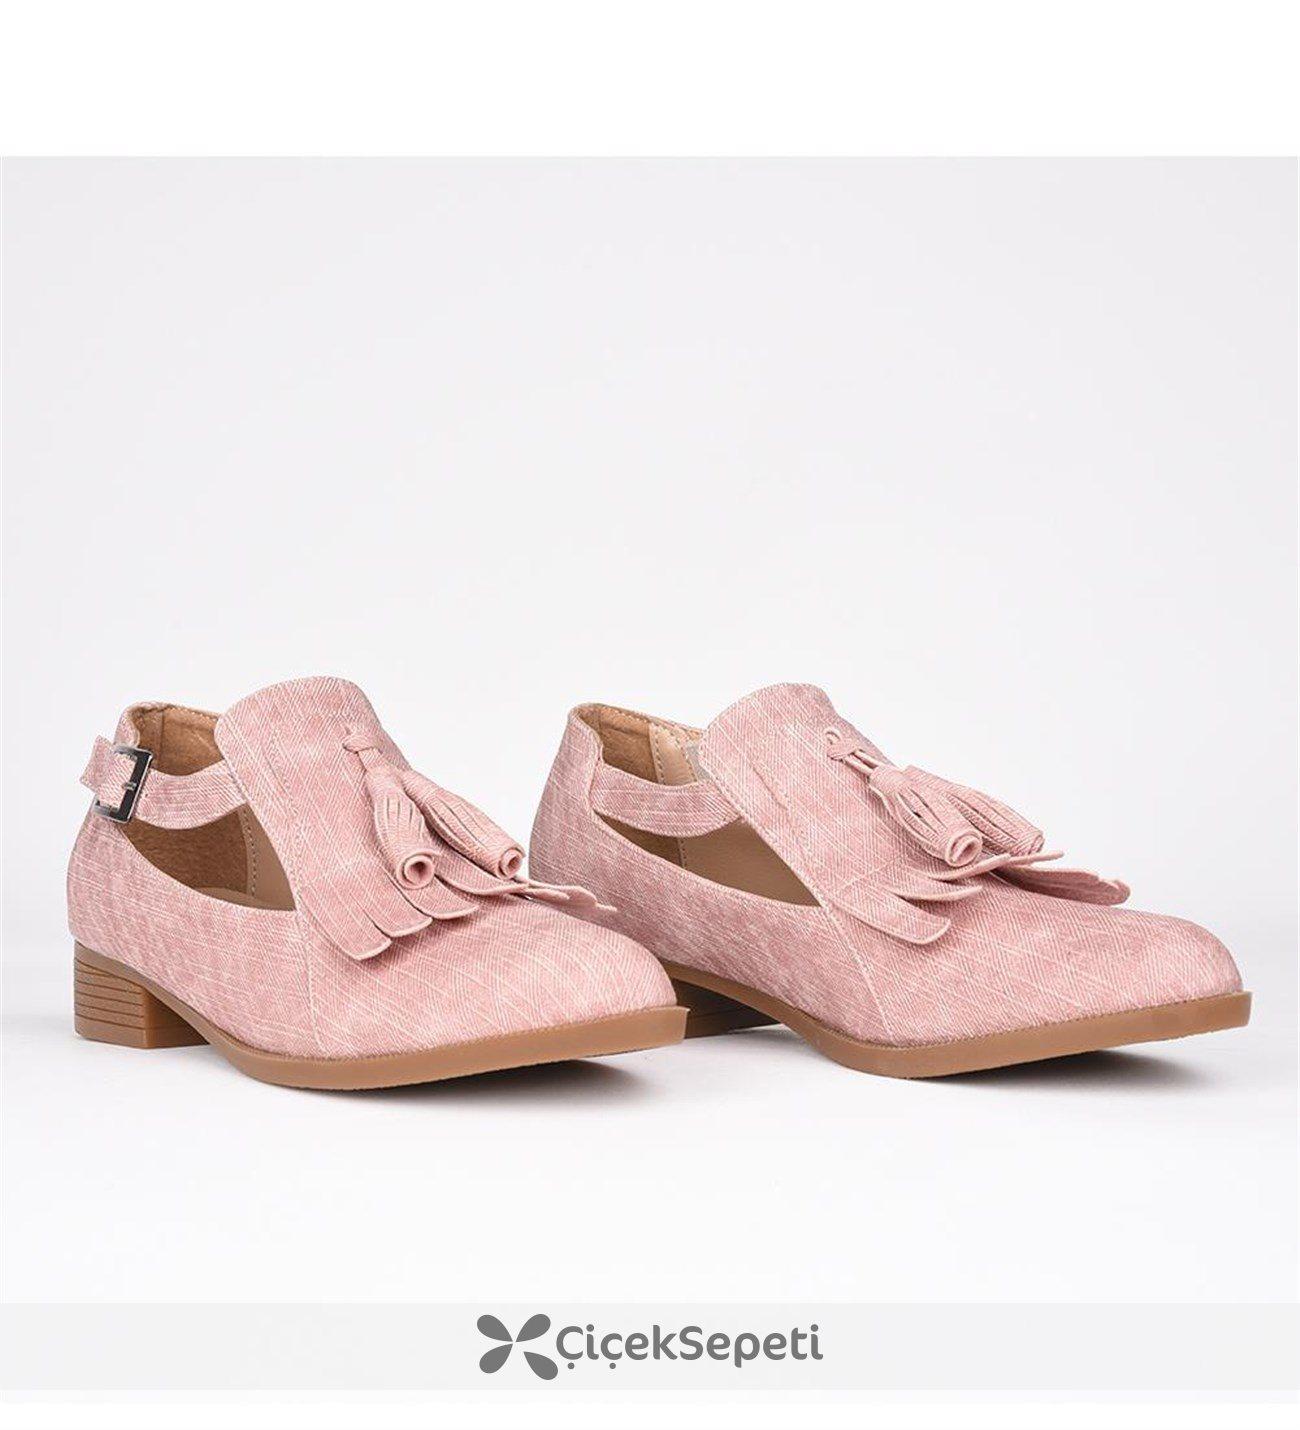 Florin pembe tokalı püskülü ortopedik termo taban kadın ayakkabı